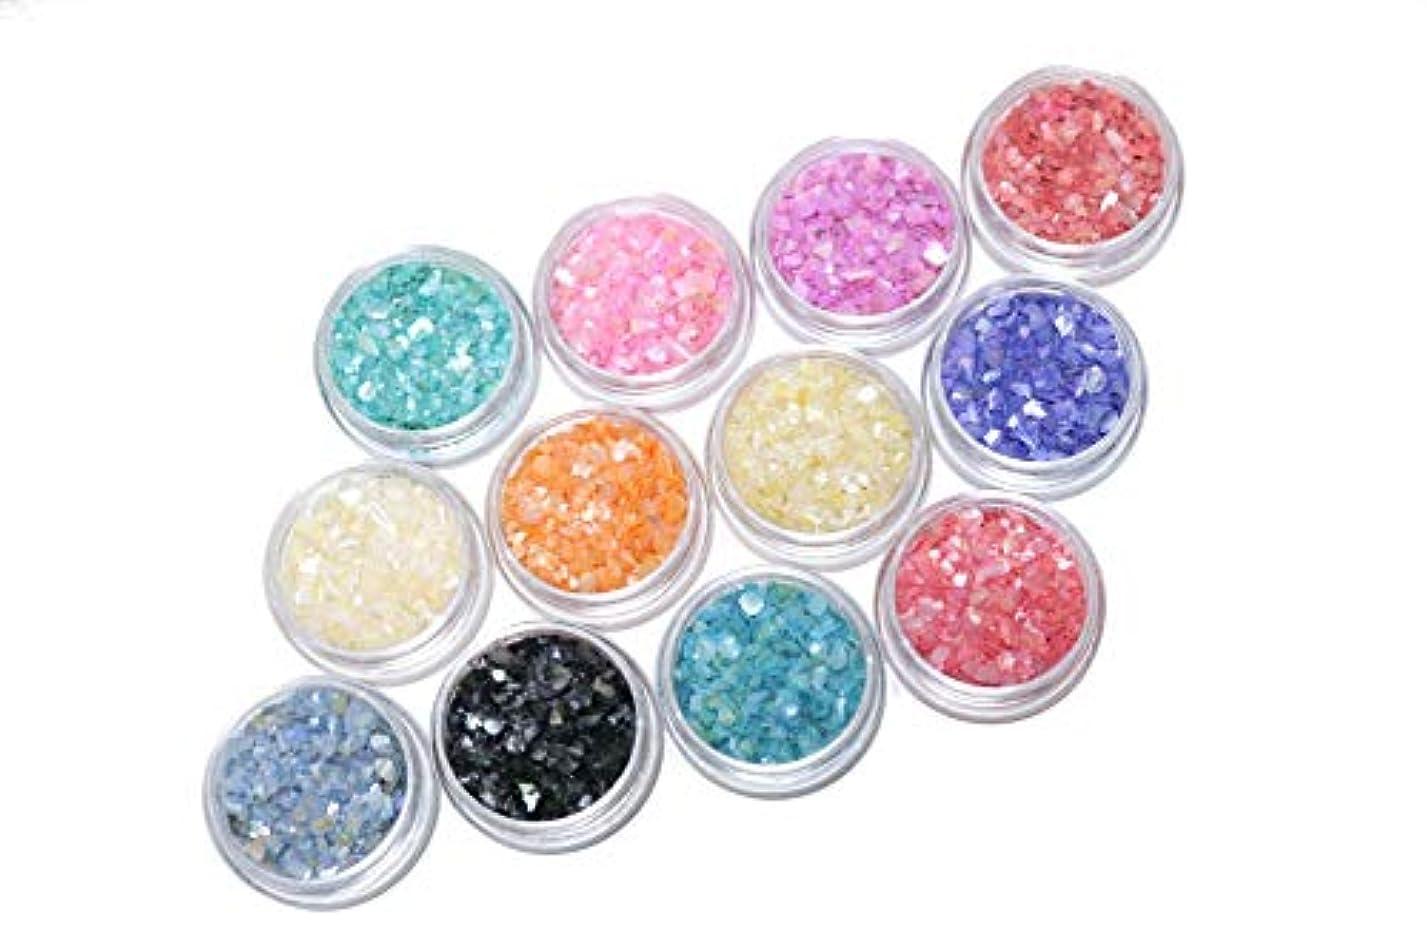 蓮科学的繁雑【jewel】シェルパウダー クラッシュホログラム たっぷり3g入り 12色セット ネイル